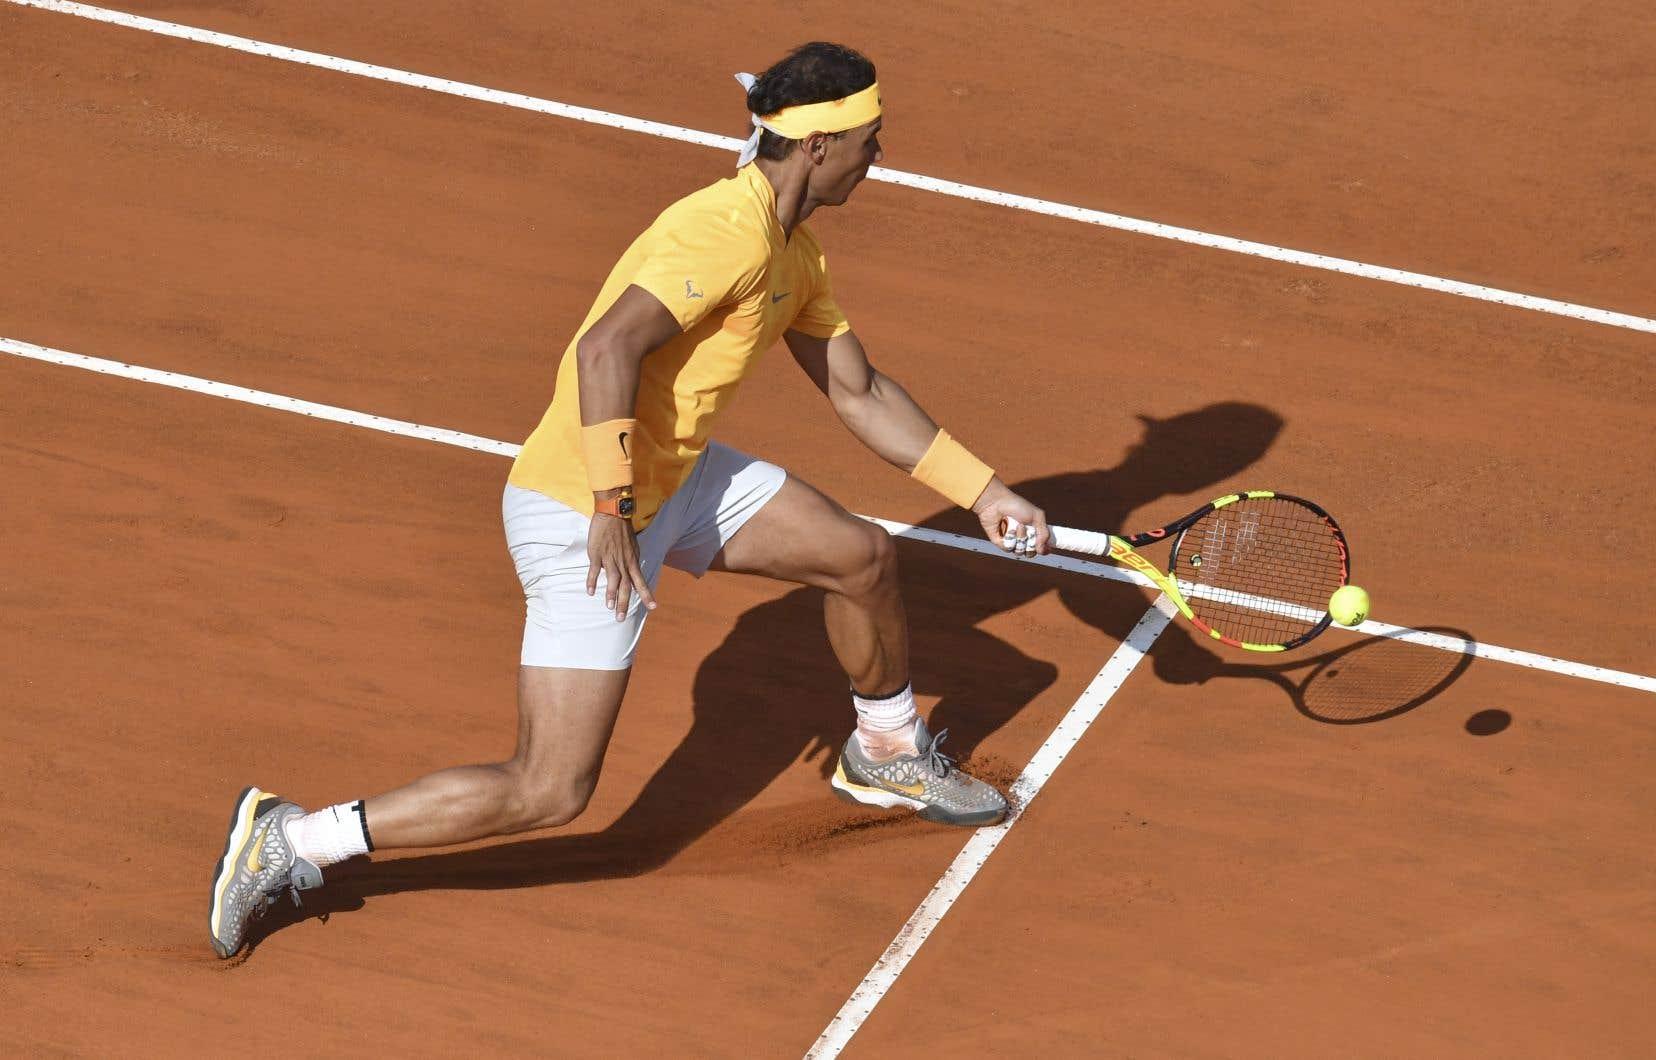 Rafale Nadal est venu à bout de Shapovalov en seulement une heure et 22 minutes.